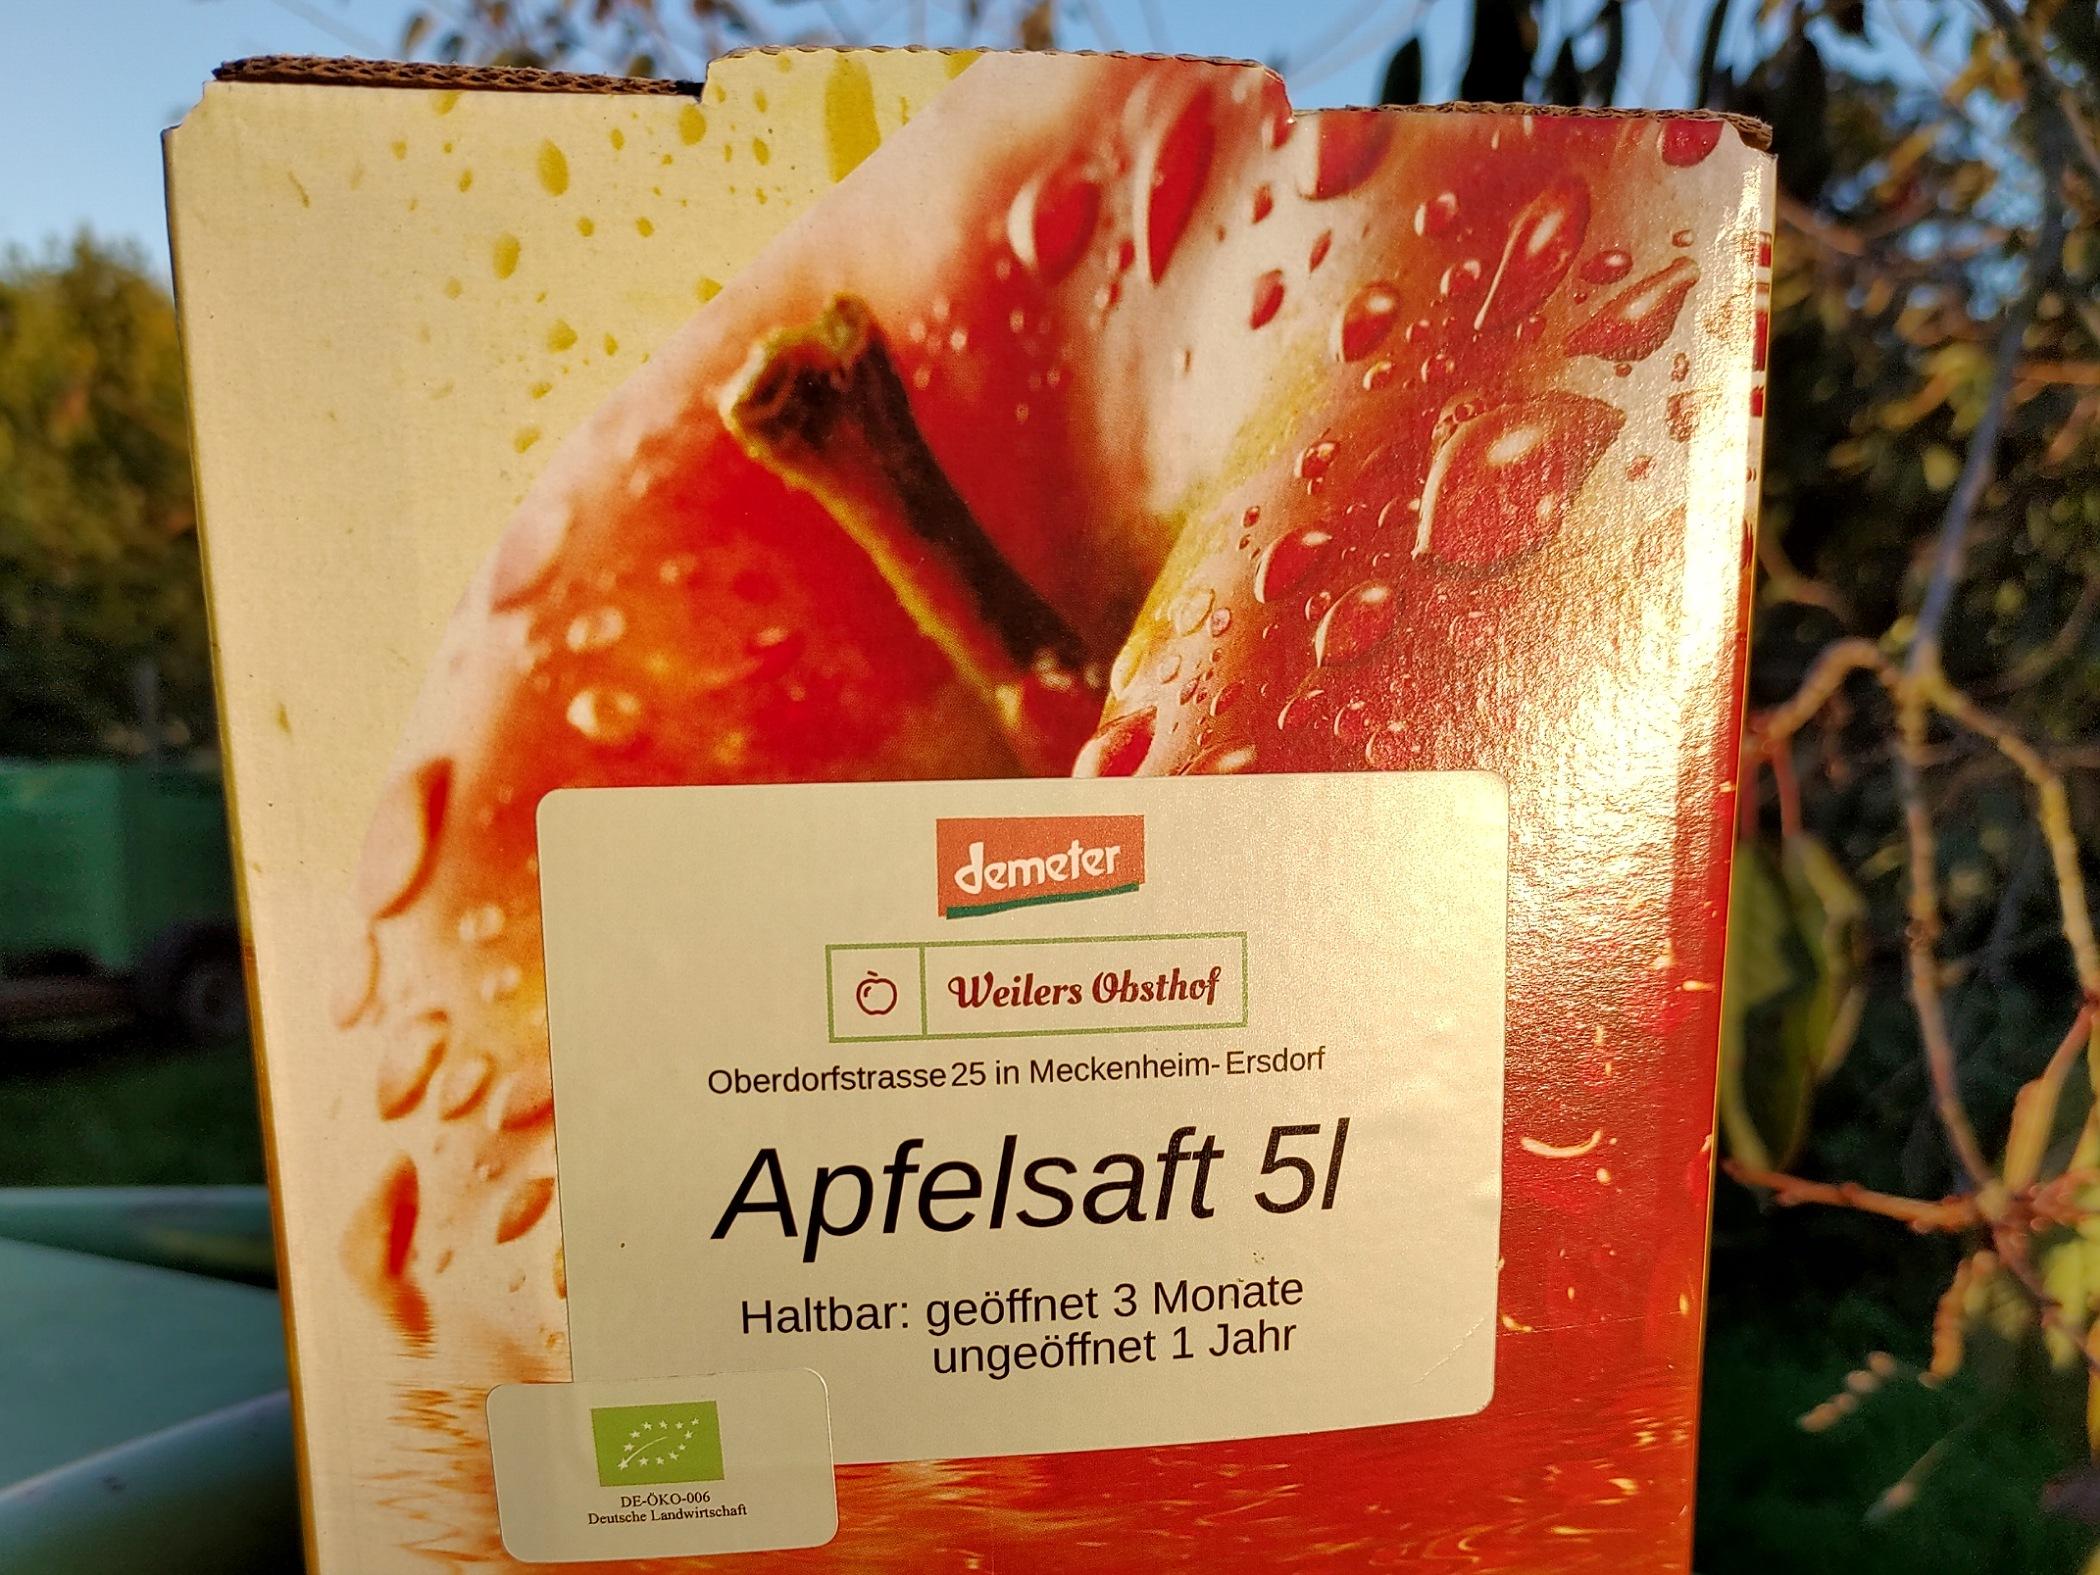 Apfelsaft | 5 l